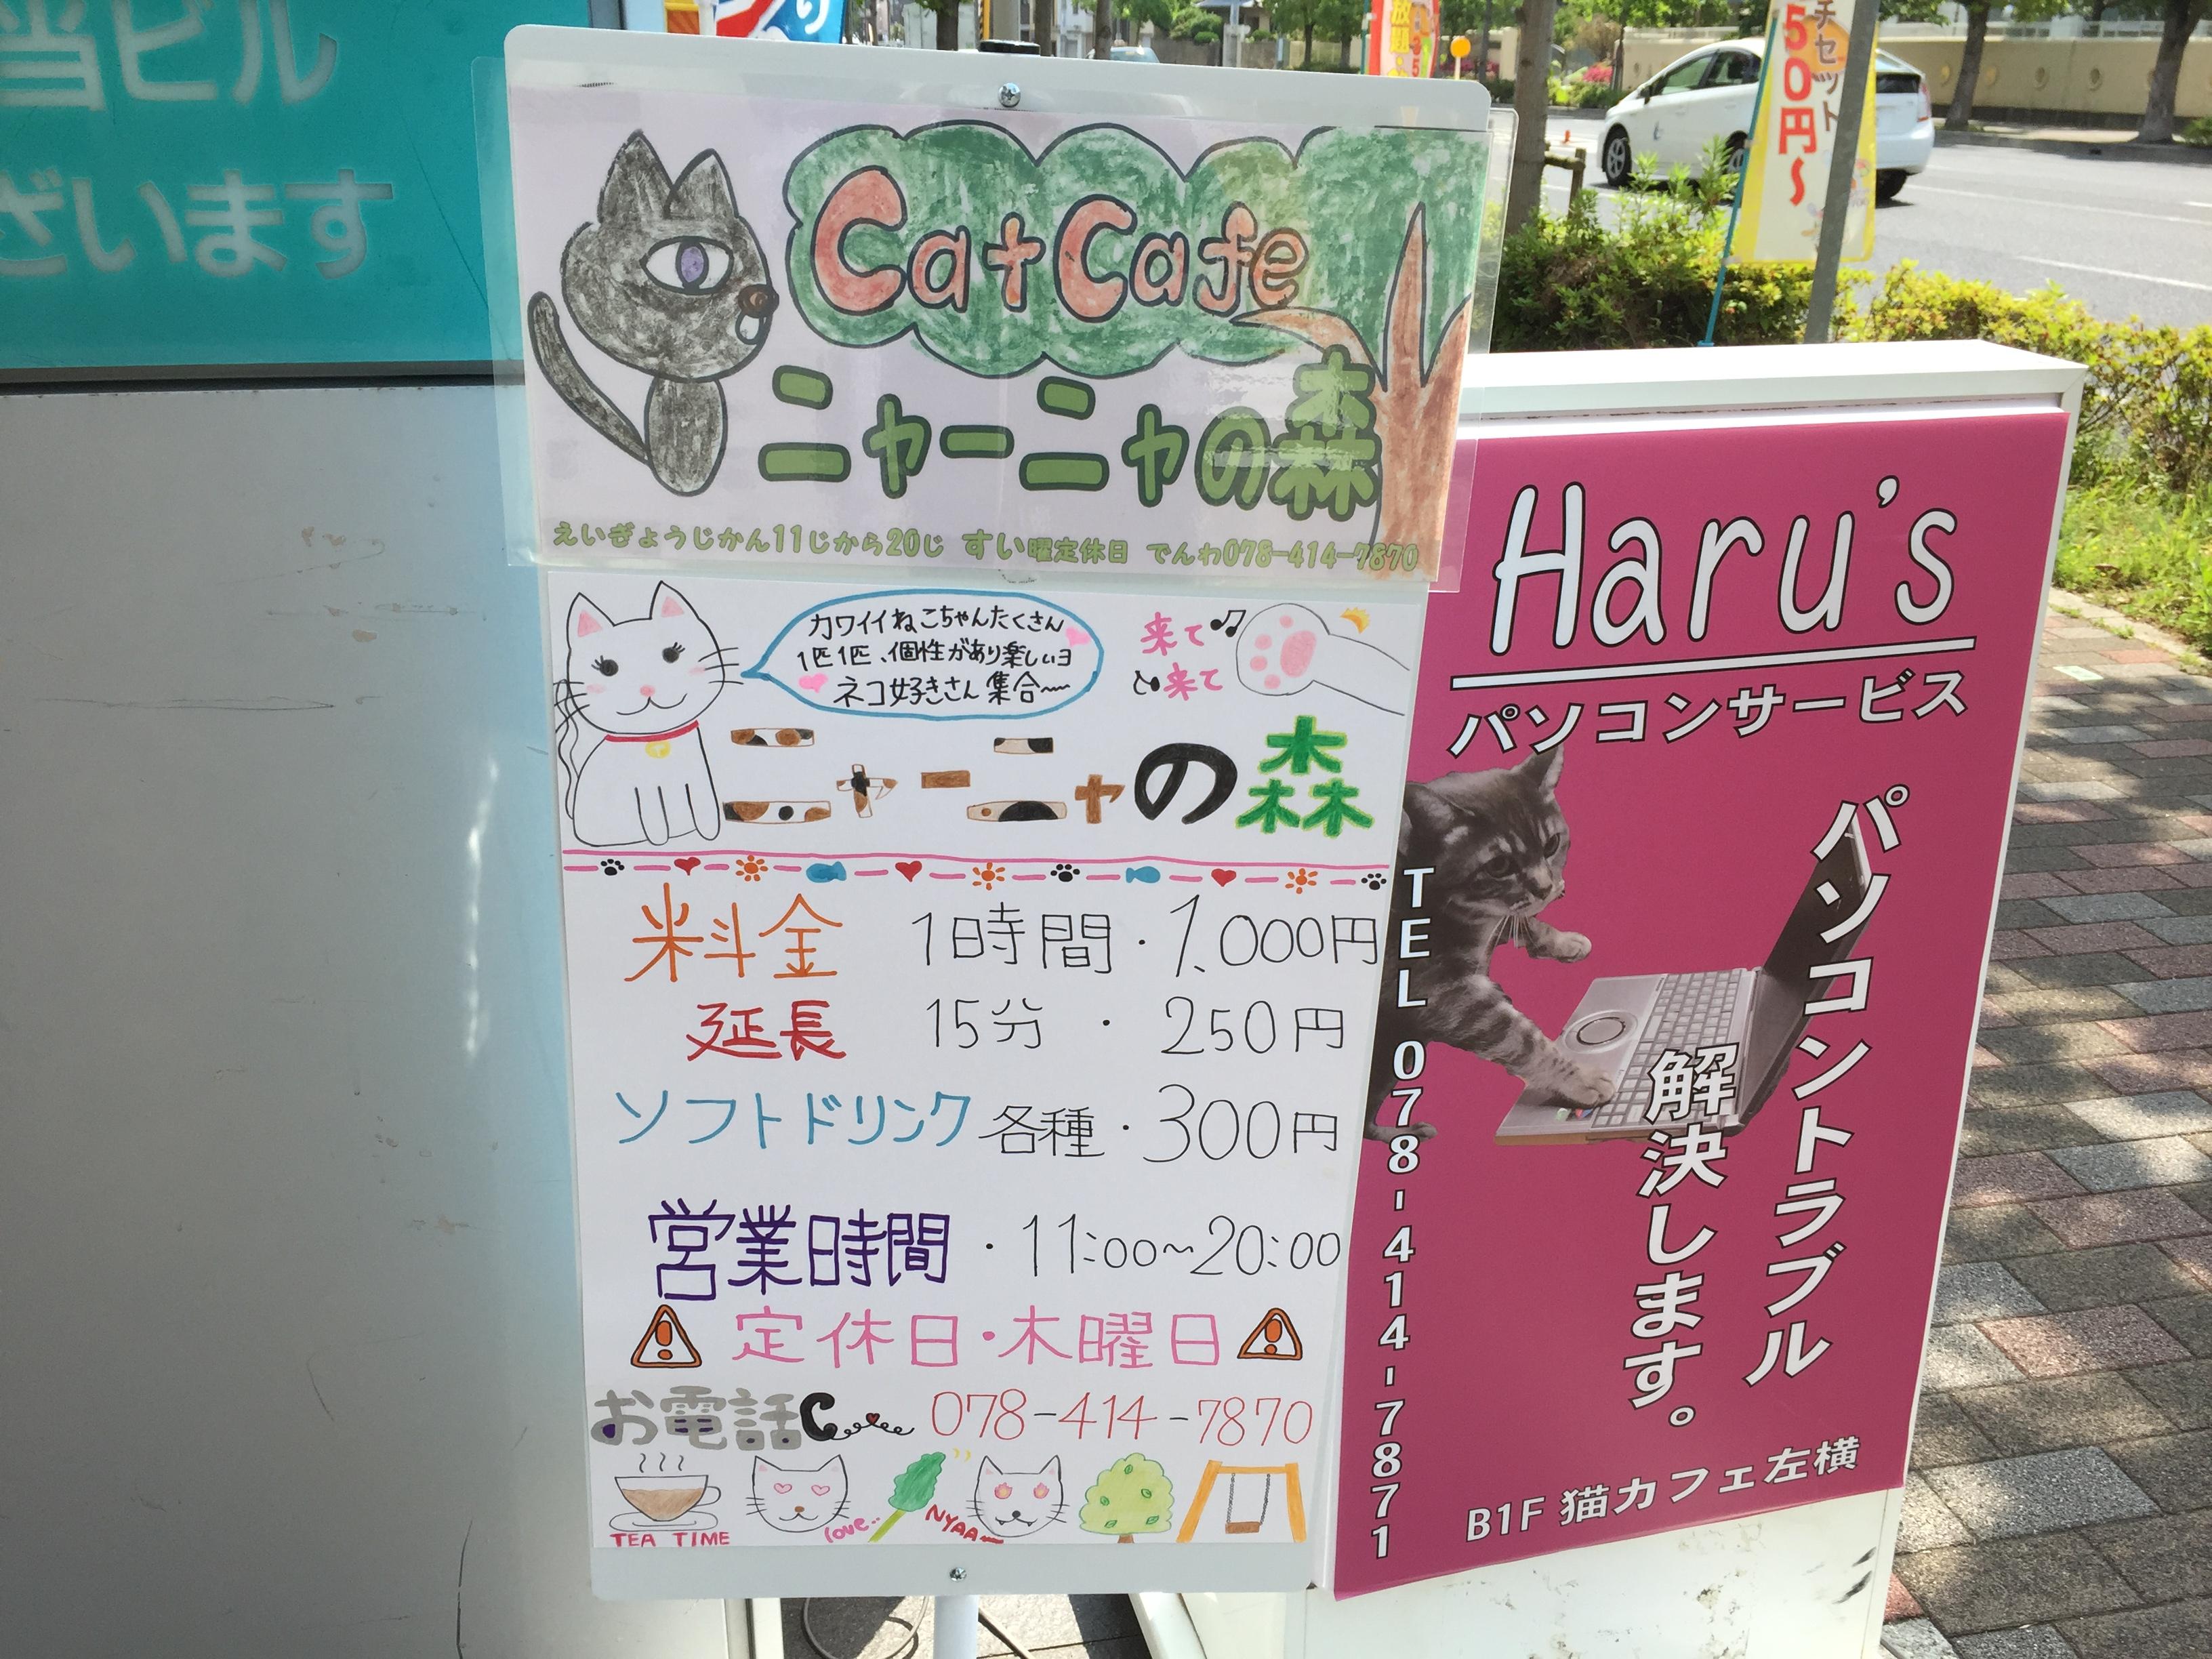 東灘区初の猫カフェ「ニャーニャの森」がオープン!※猫写真とインスタグラムは必見※